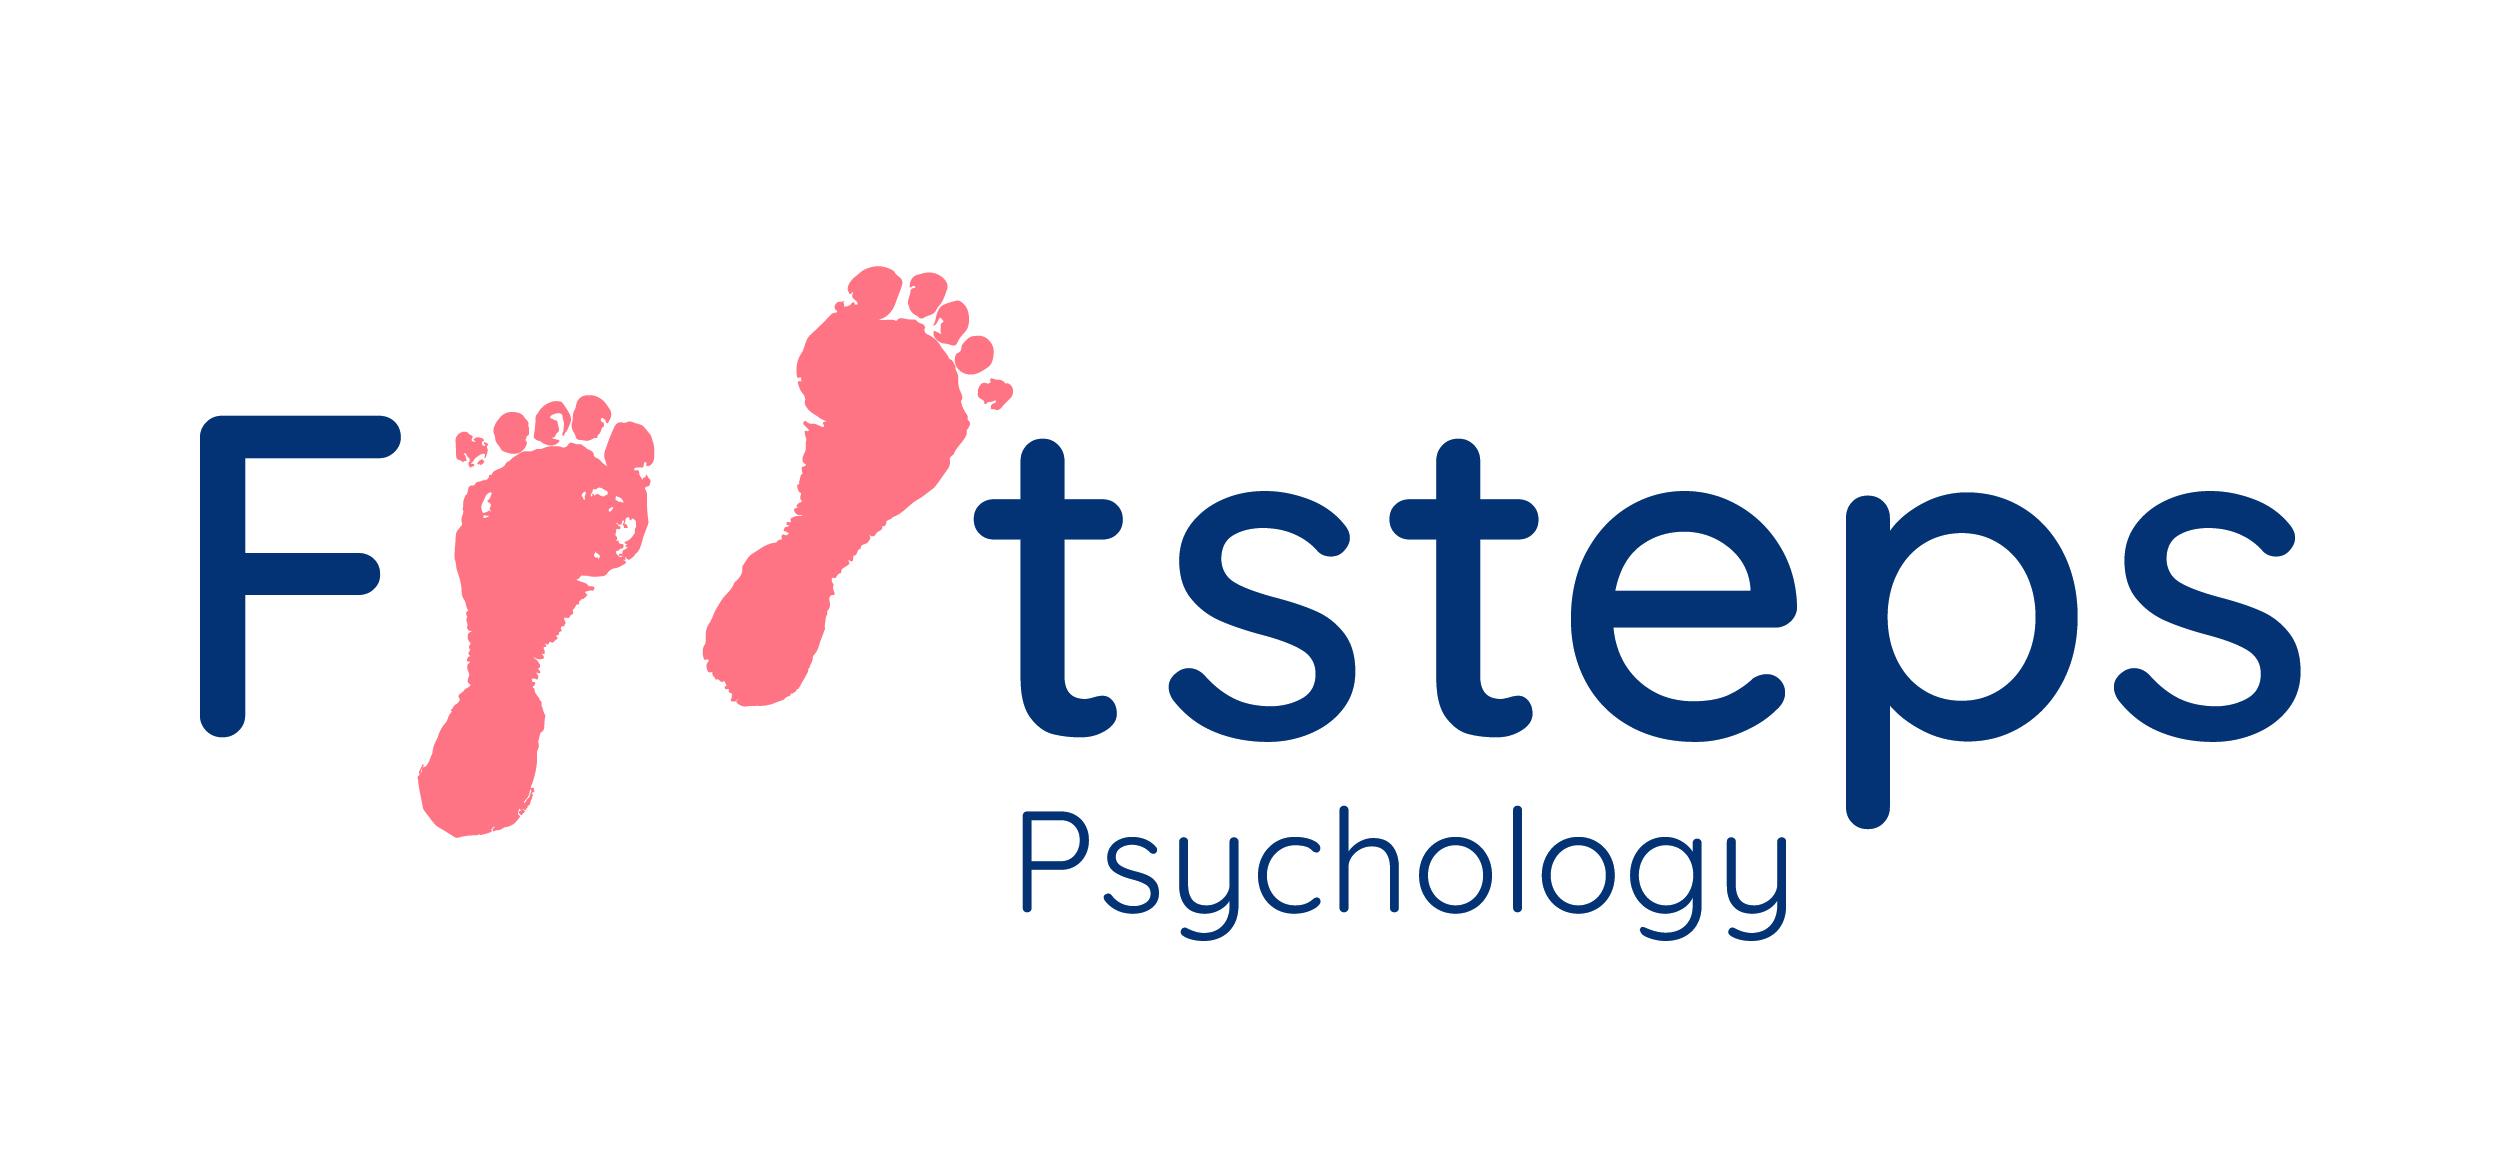 Footsteps Psychology - Stockport, Lancashire SK7 3DJ - 07813 637013 | ShowMeLocal.com